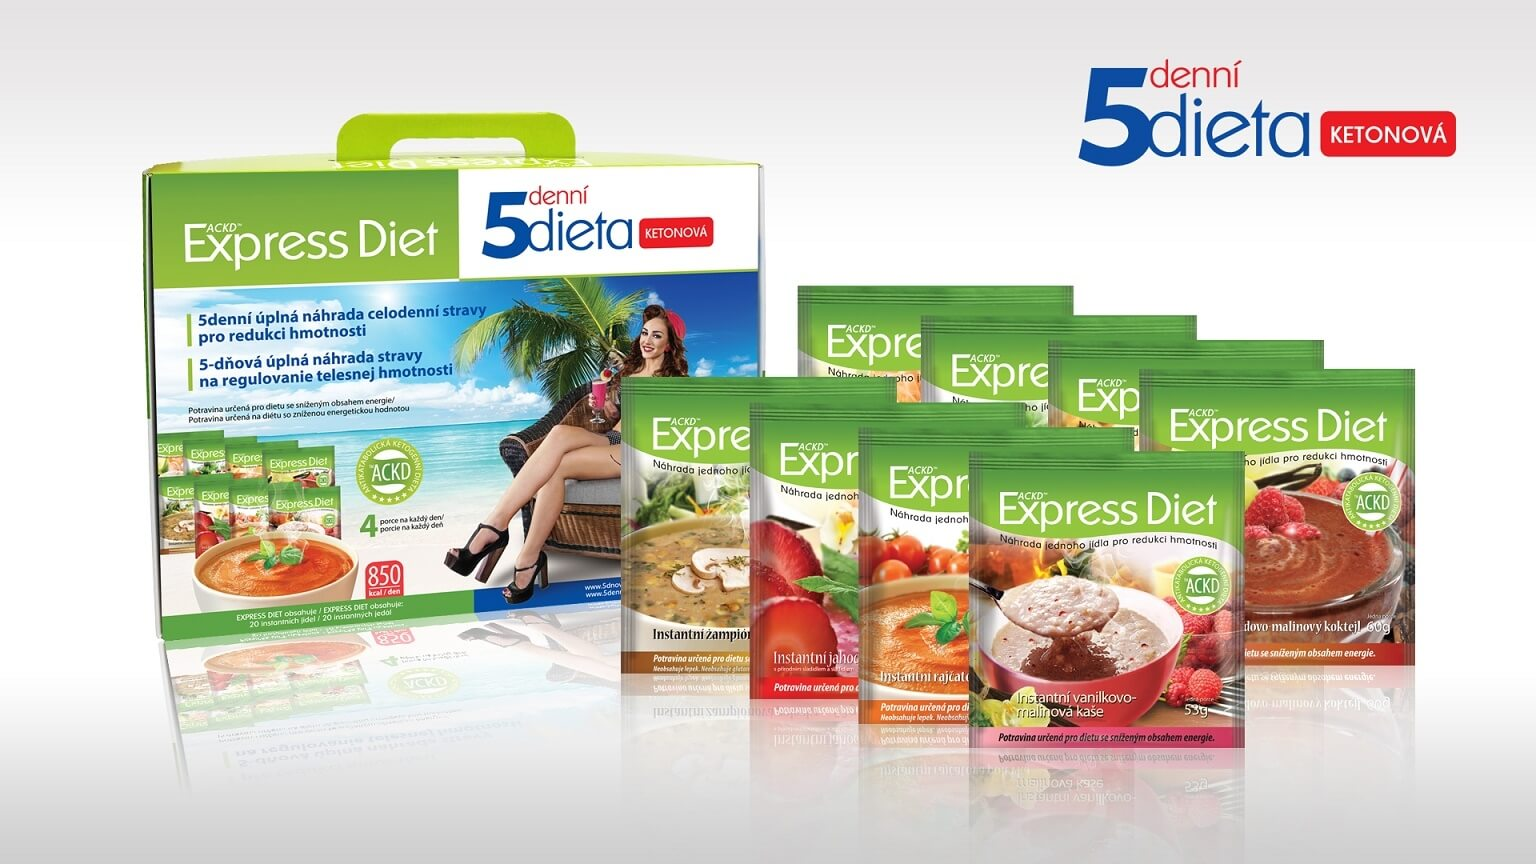 [BBBKEYWORD]. Экспресс-диеты для быстрого похудения: самые эффективные способы на 3 и 7 дней, на сколько можно похудеть